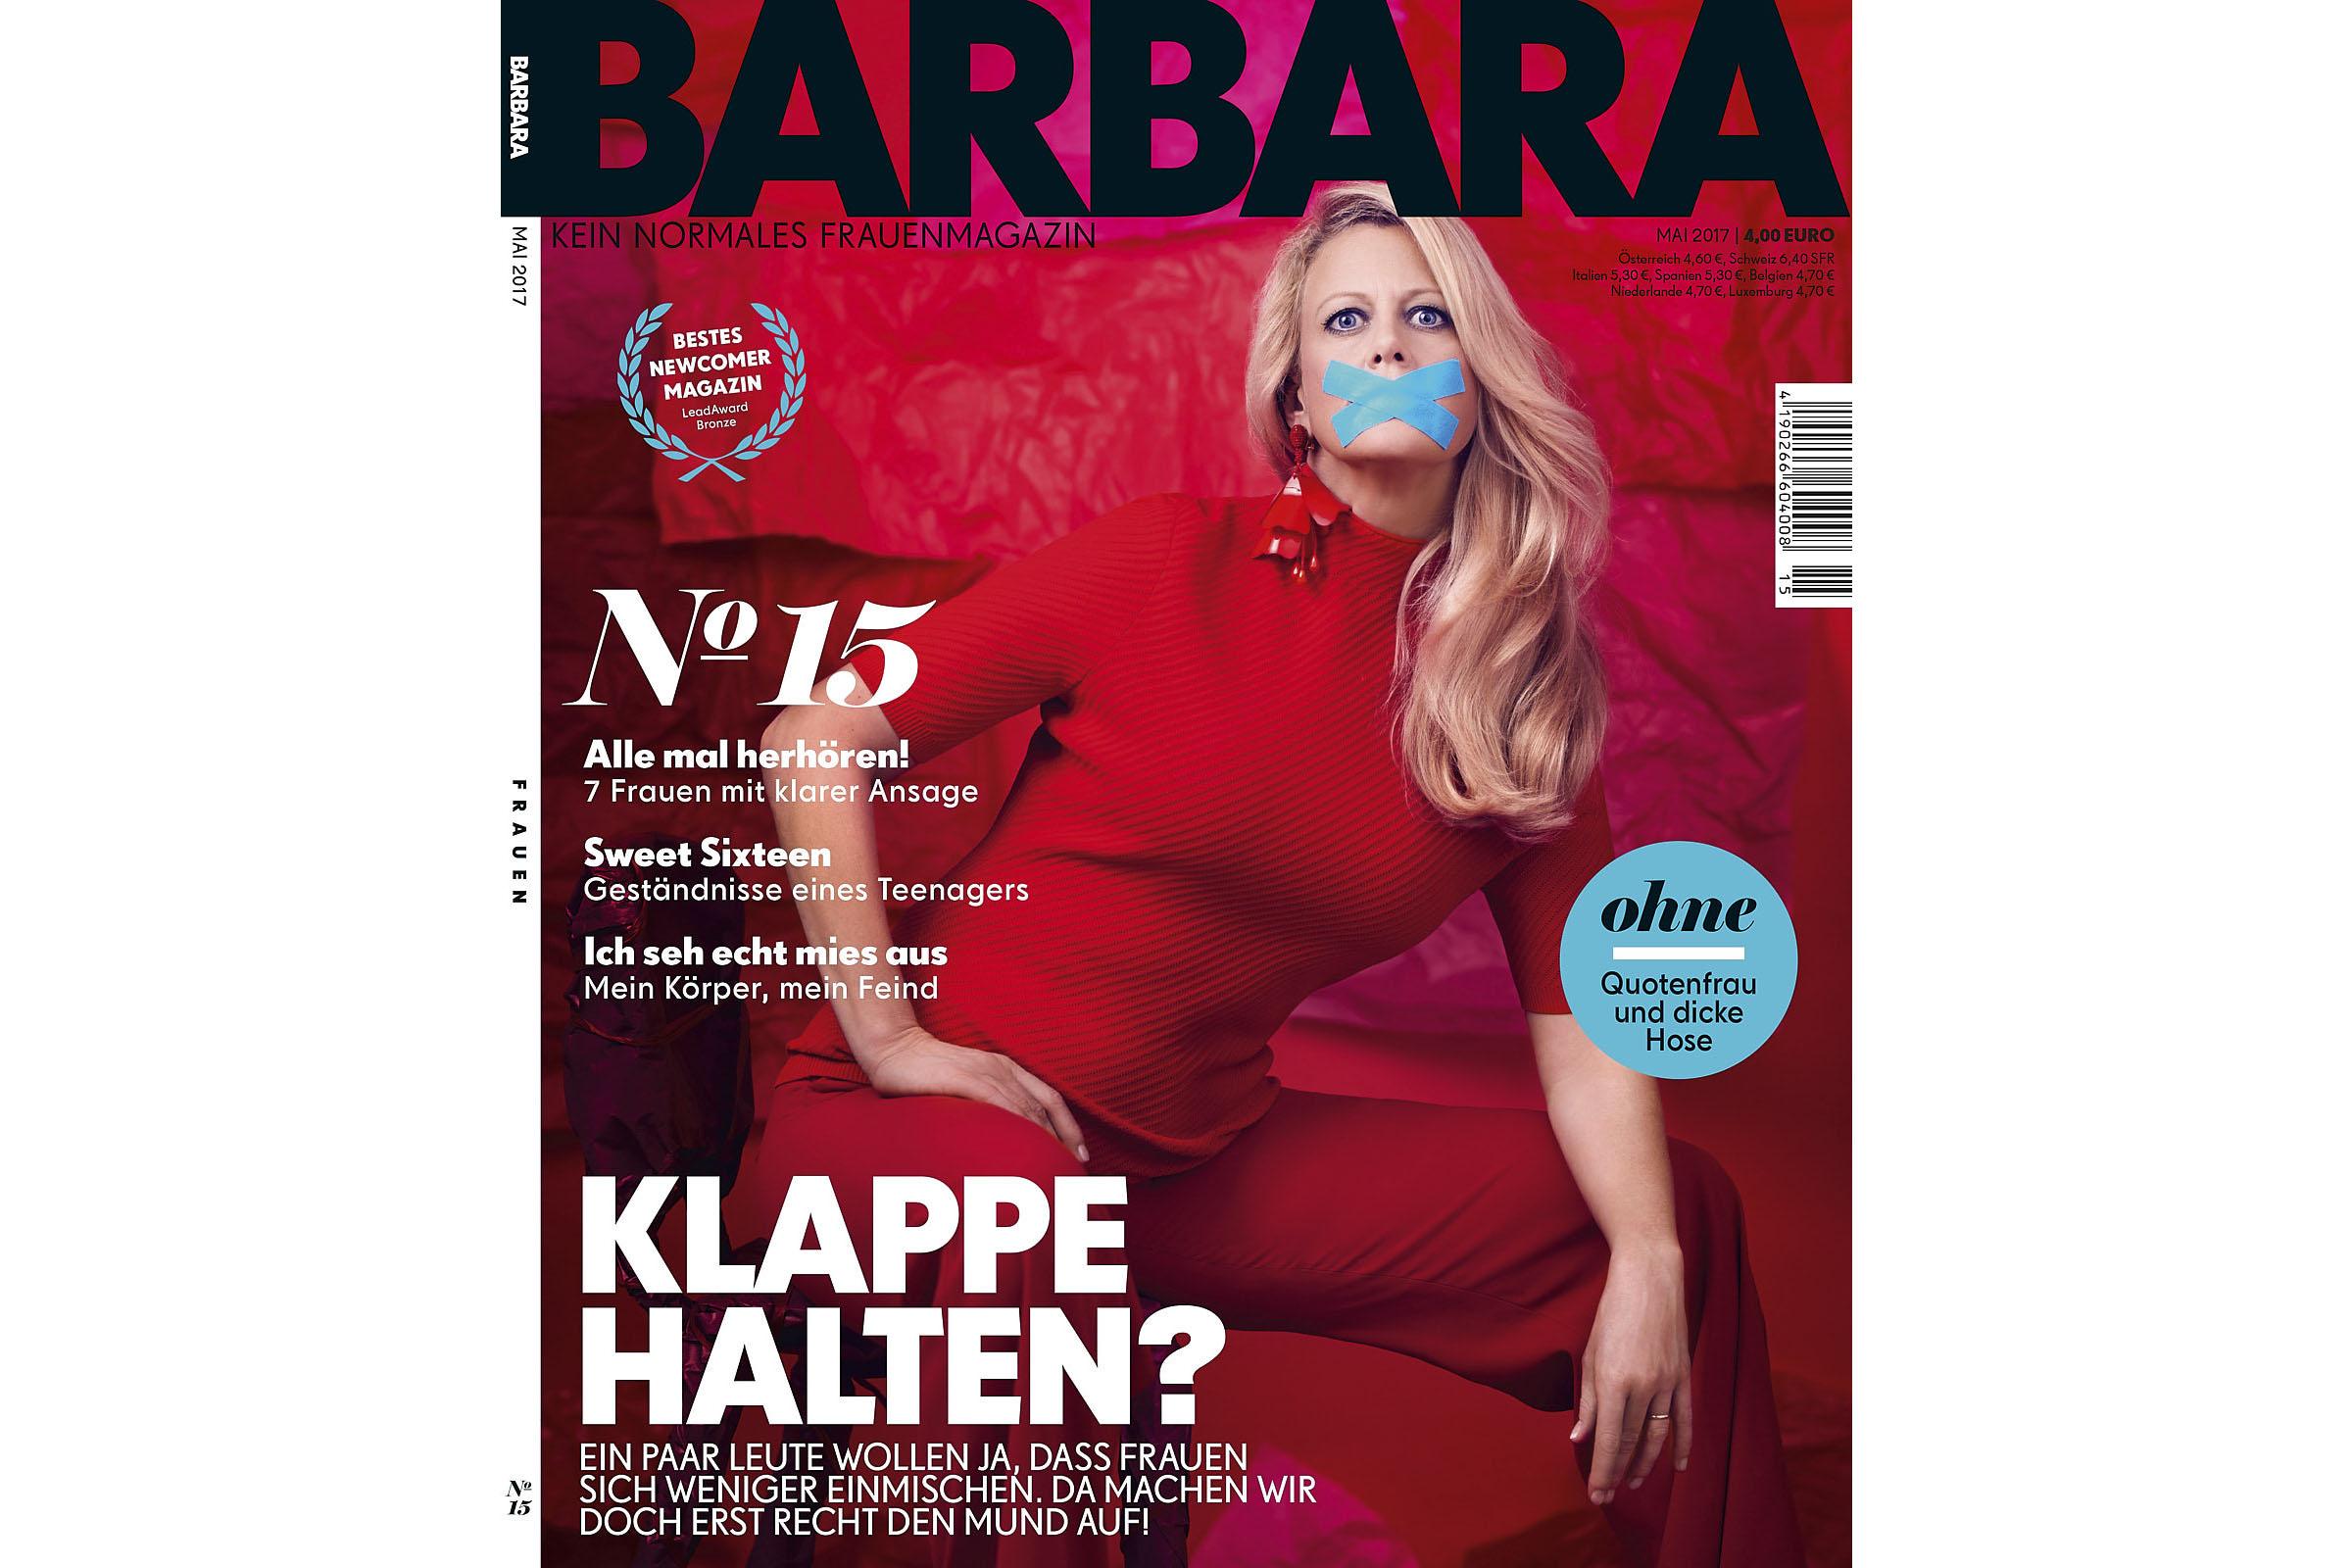 Barbara_#15_Cover_landscape